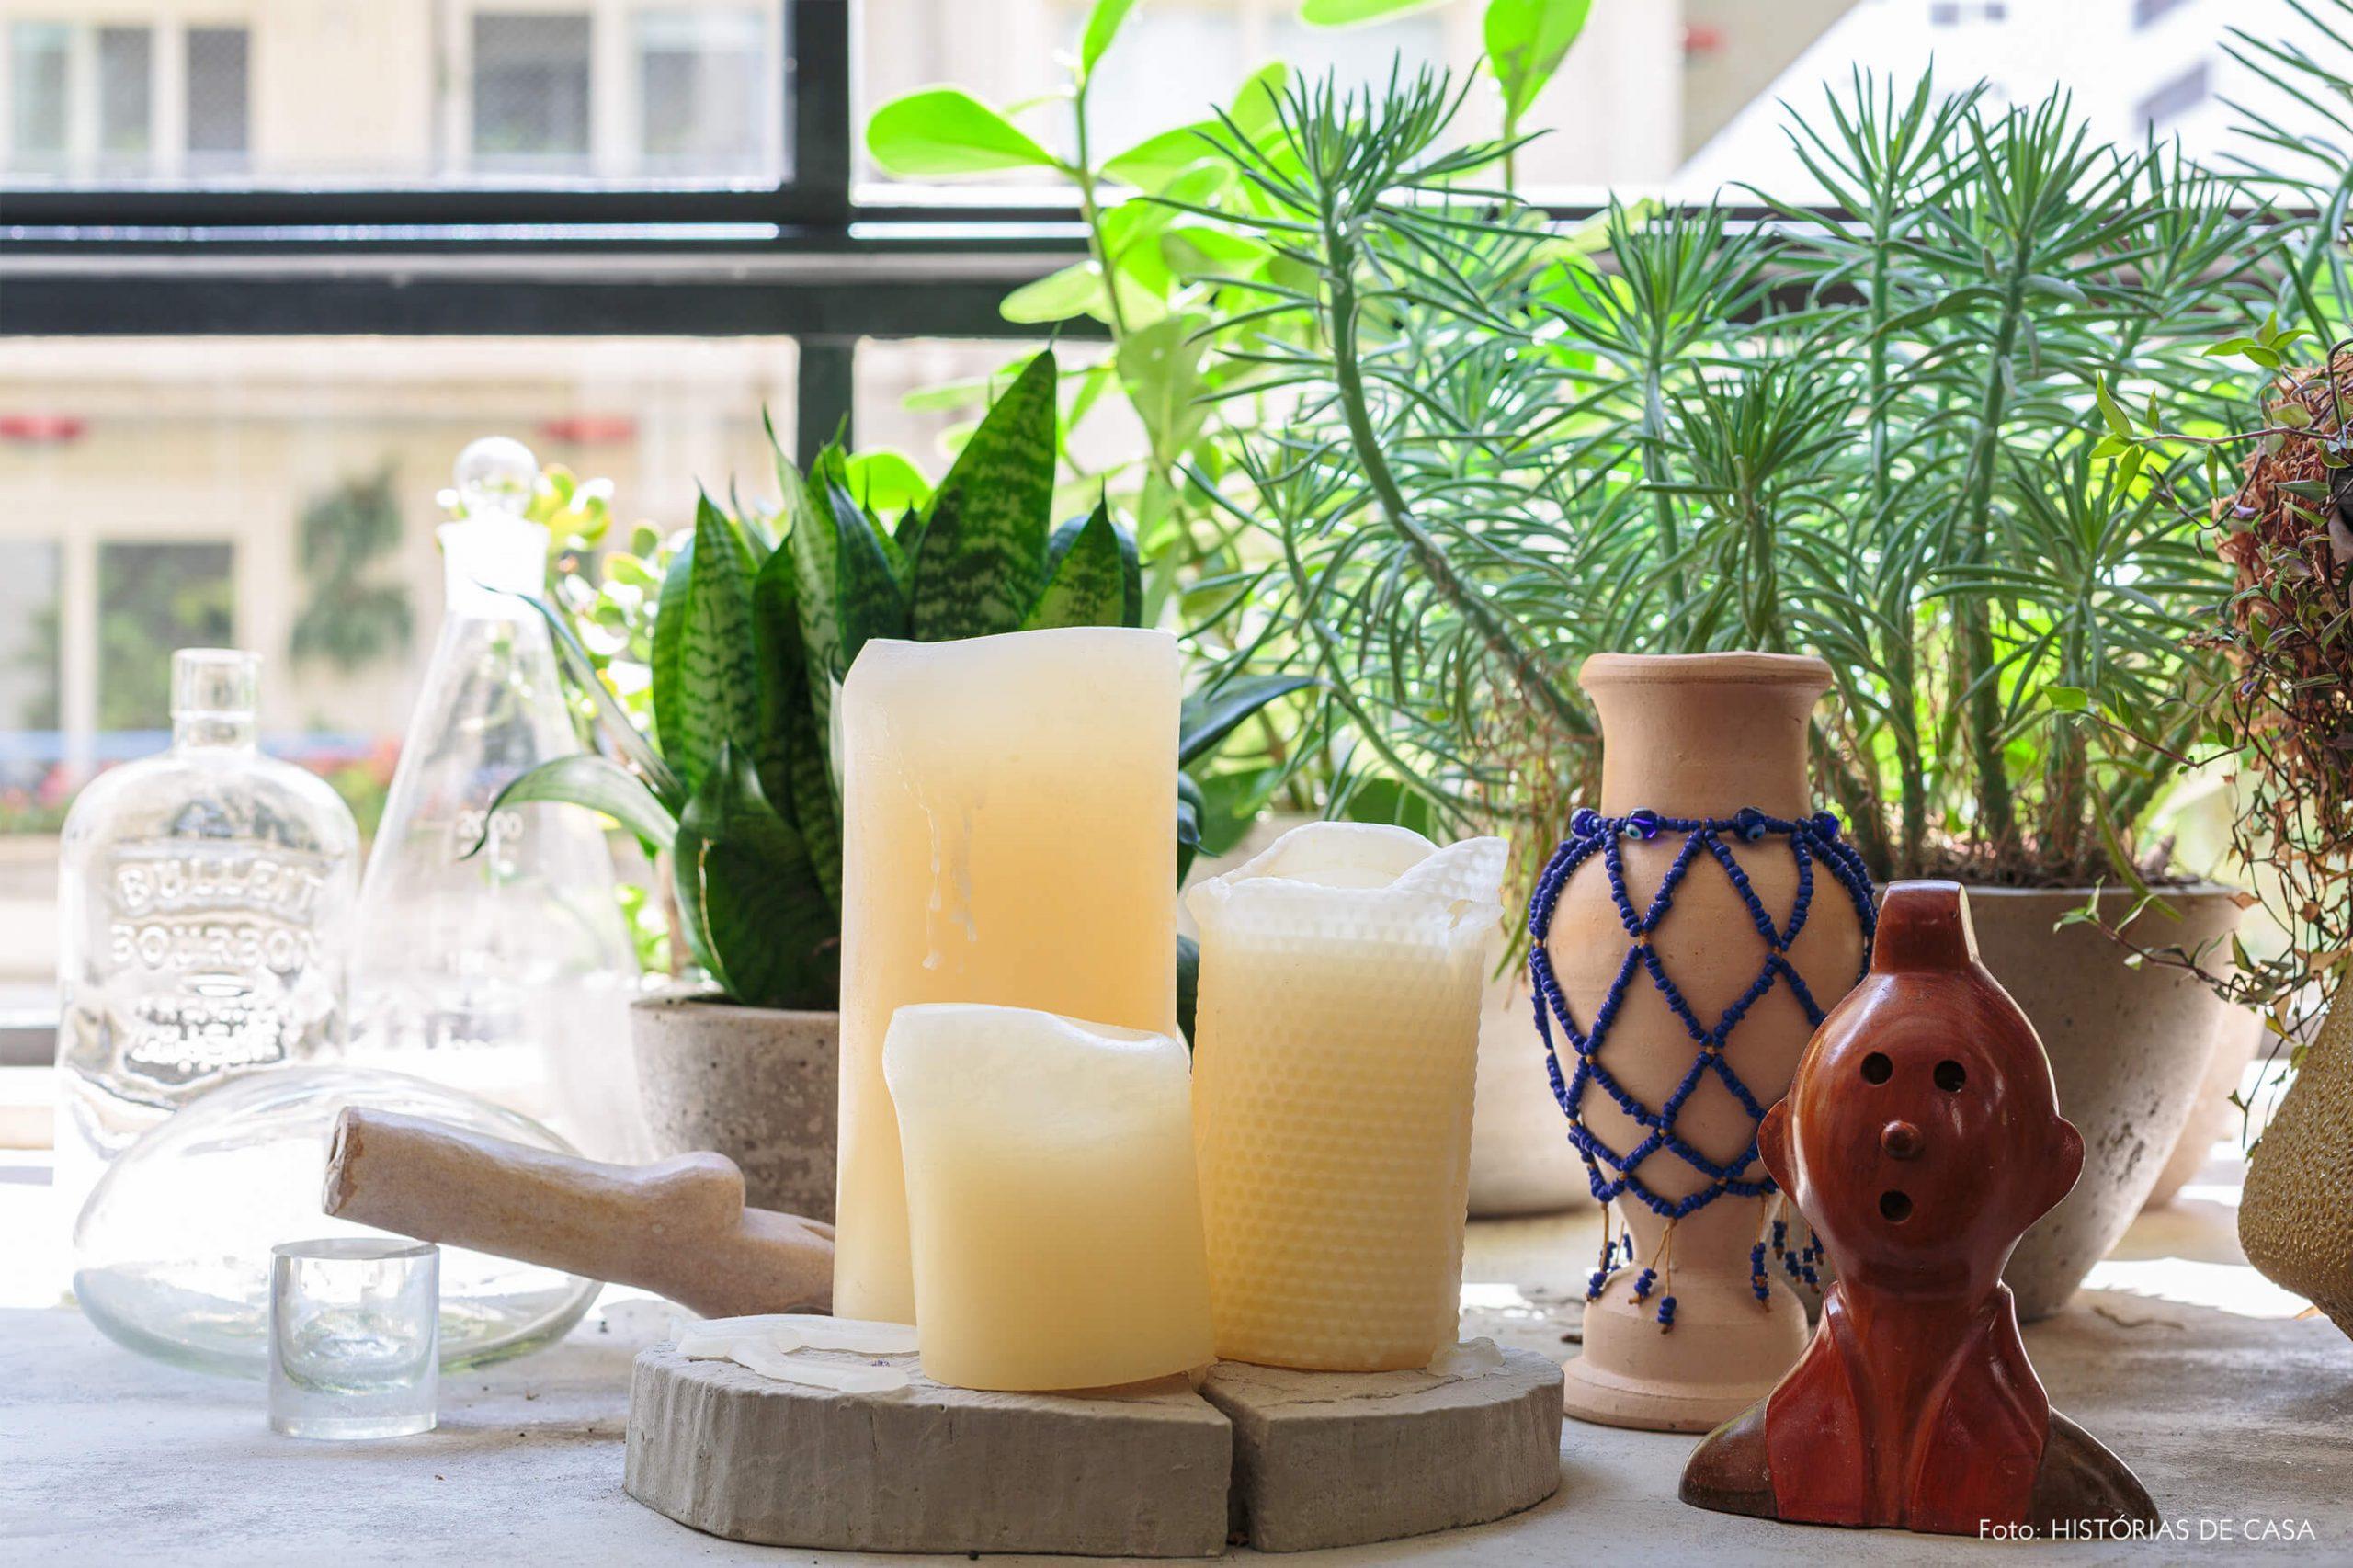 decoração ap detalhes de vidrarias e objetos em banco de concreto